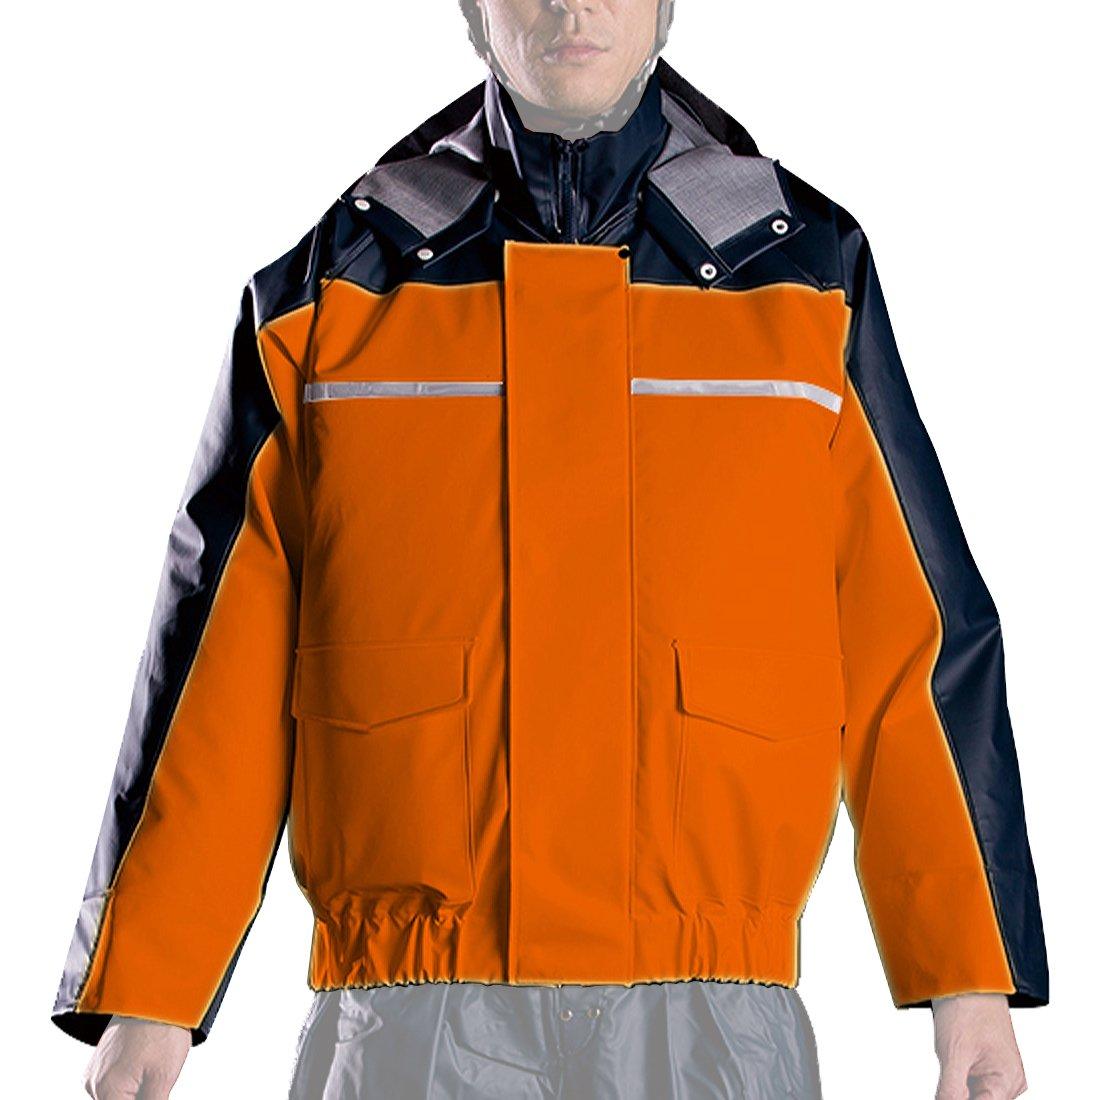 ナダレス 空調服 ブルゾン 全4色 全8サイズ レインパーカ オレンジ 4L 反射テープ付き 6097 [正規代理店品] B011C01N66 4L 4L